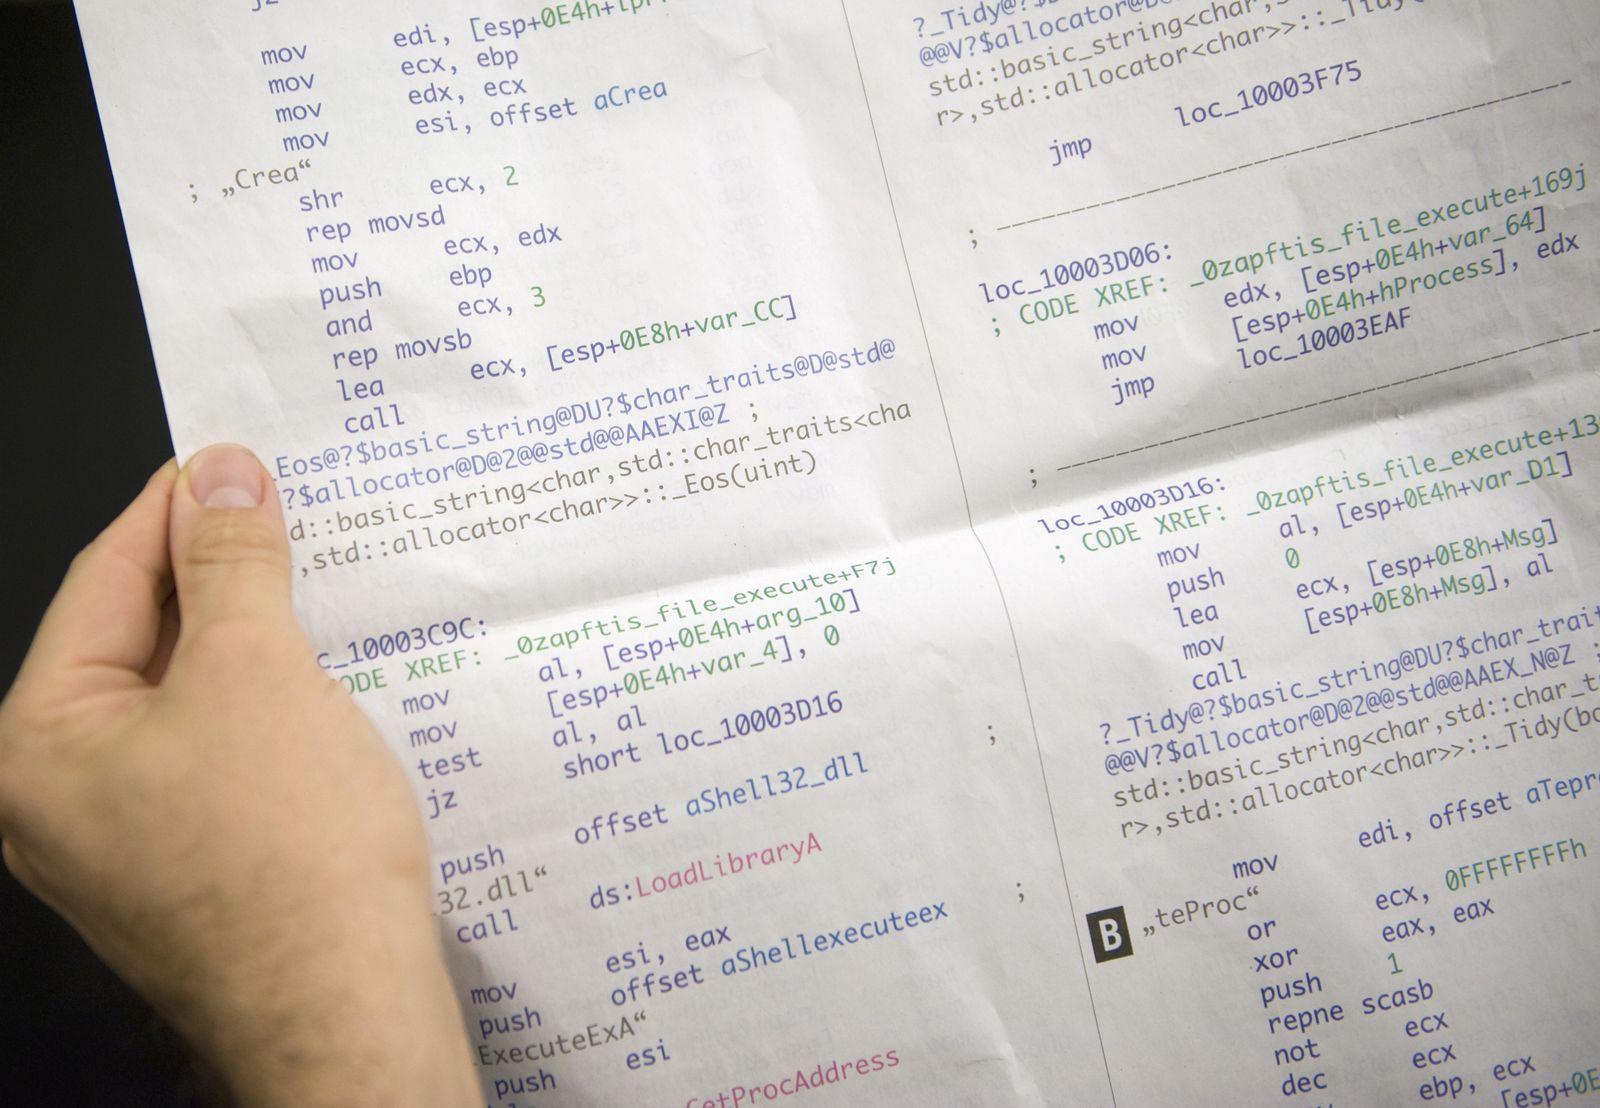 NICHT VERWENDEN Computerclub/Datenschutz/Internet/Ueberwachung